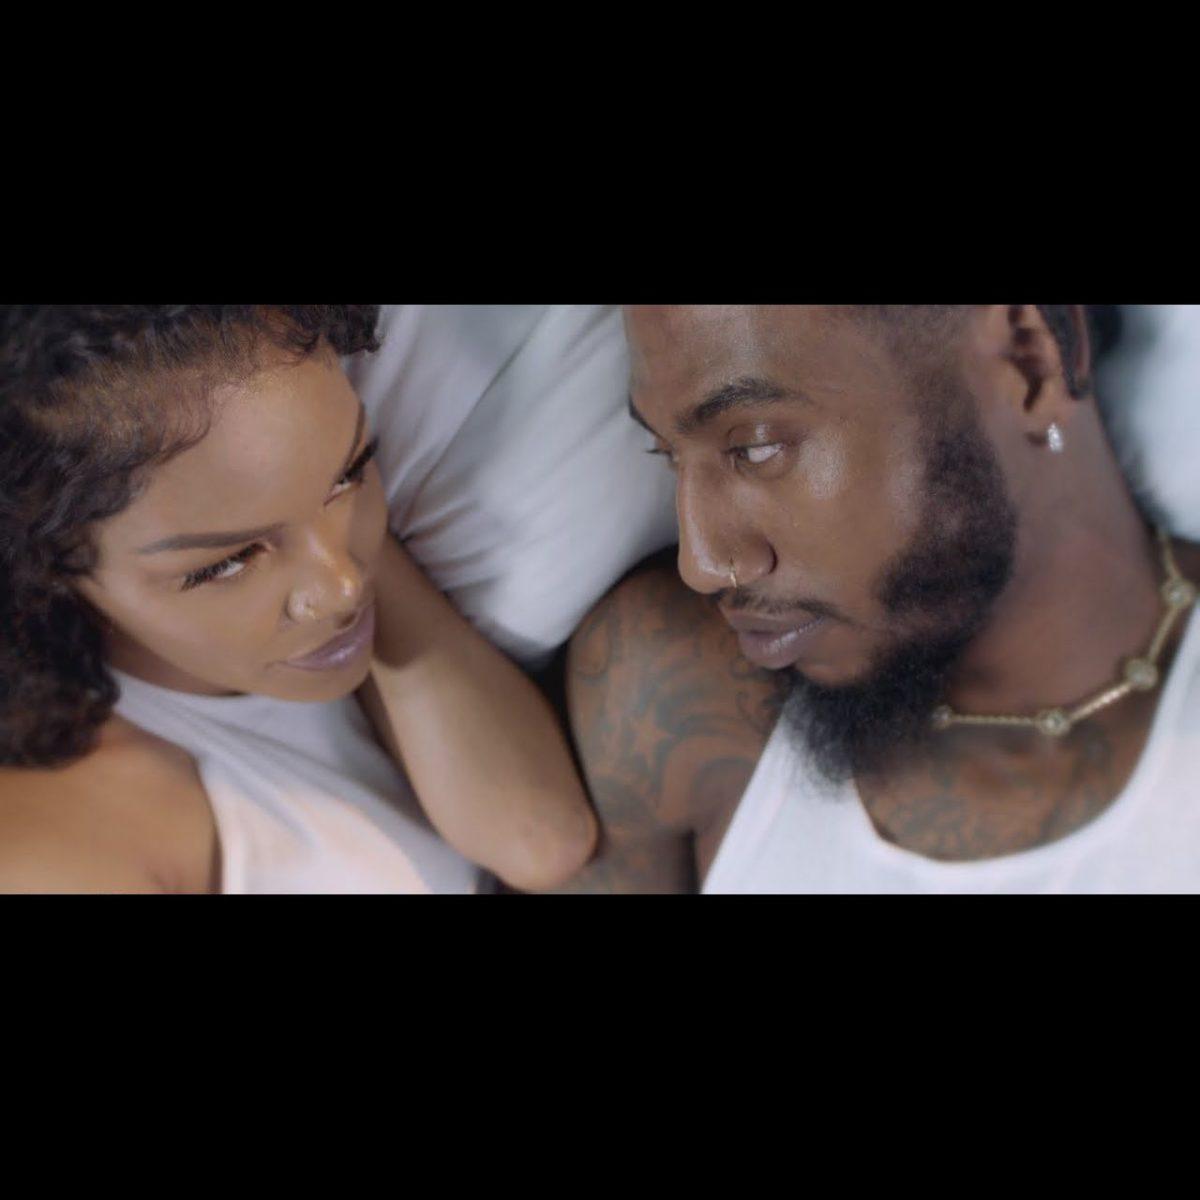 Teyana Taylor - Wake Up Love (ft. Iman) (Thumbnail)